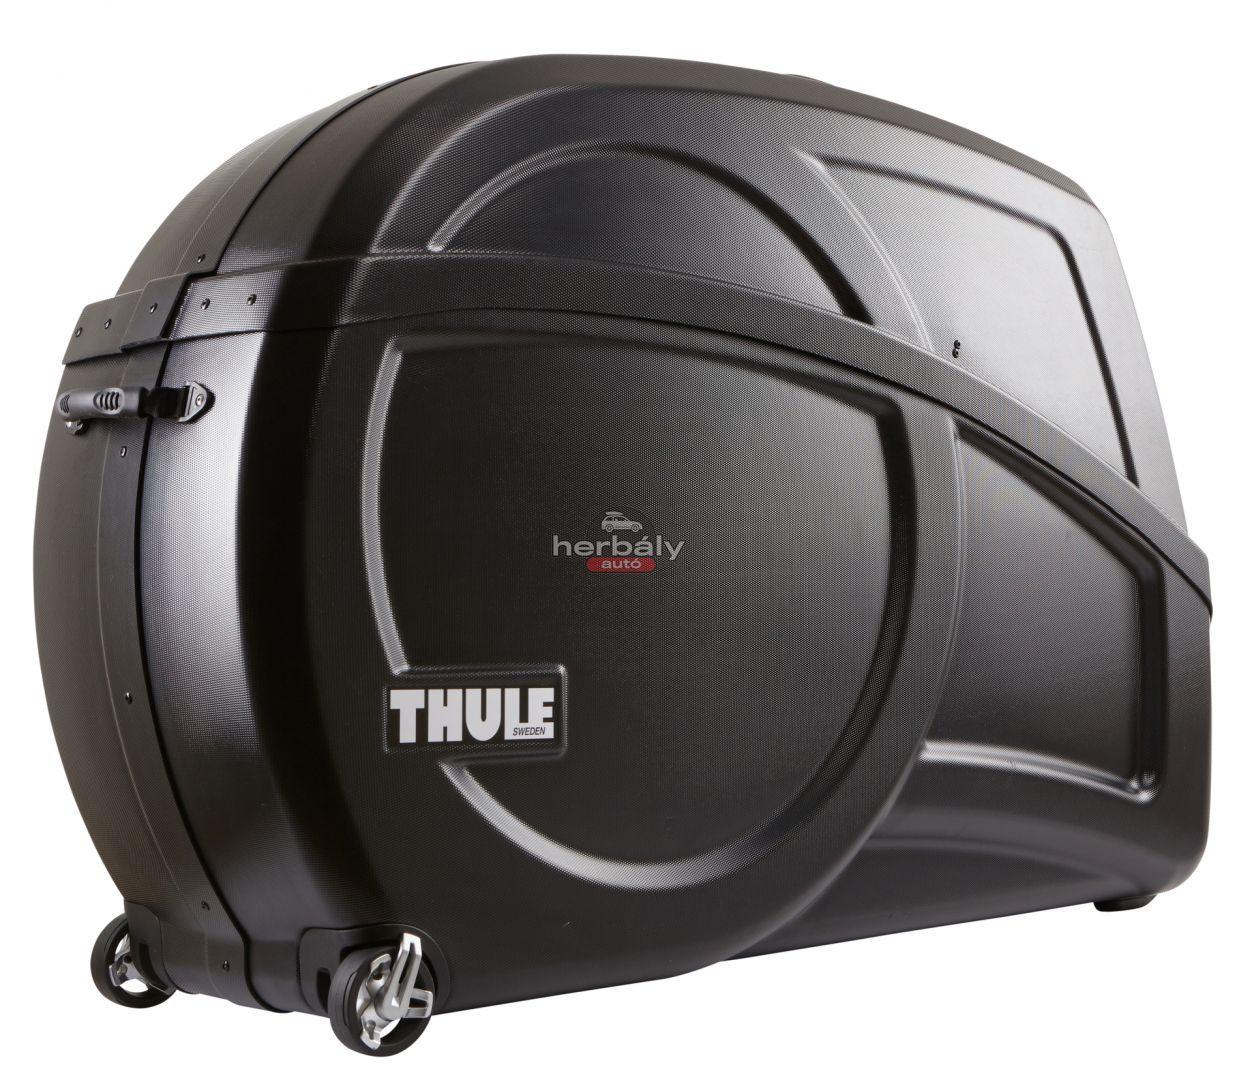 1b0045374a07 Thule RoundTrip Transition 100502 kerékpár szállító bőrönd   Táska ...